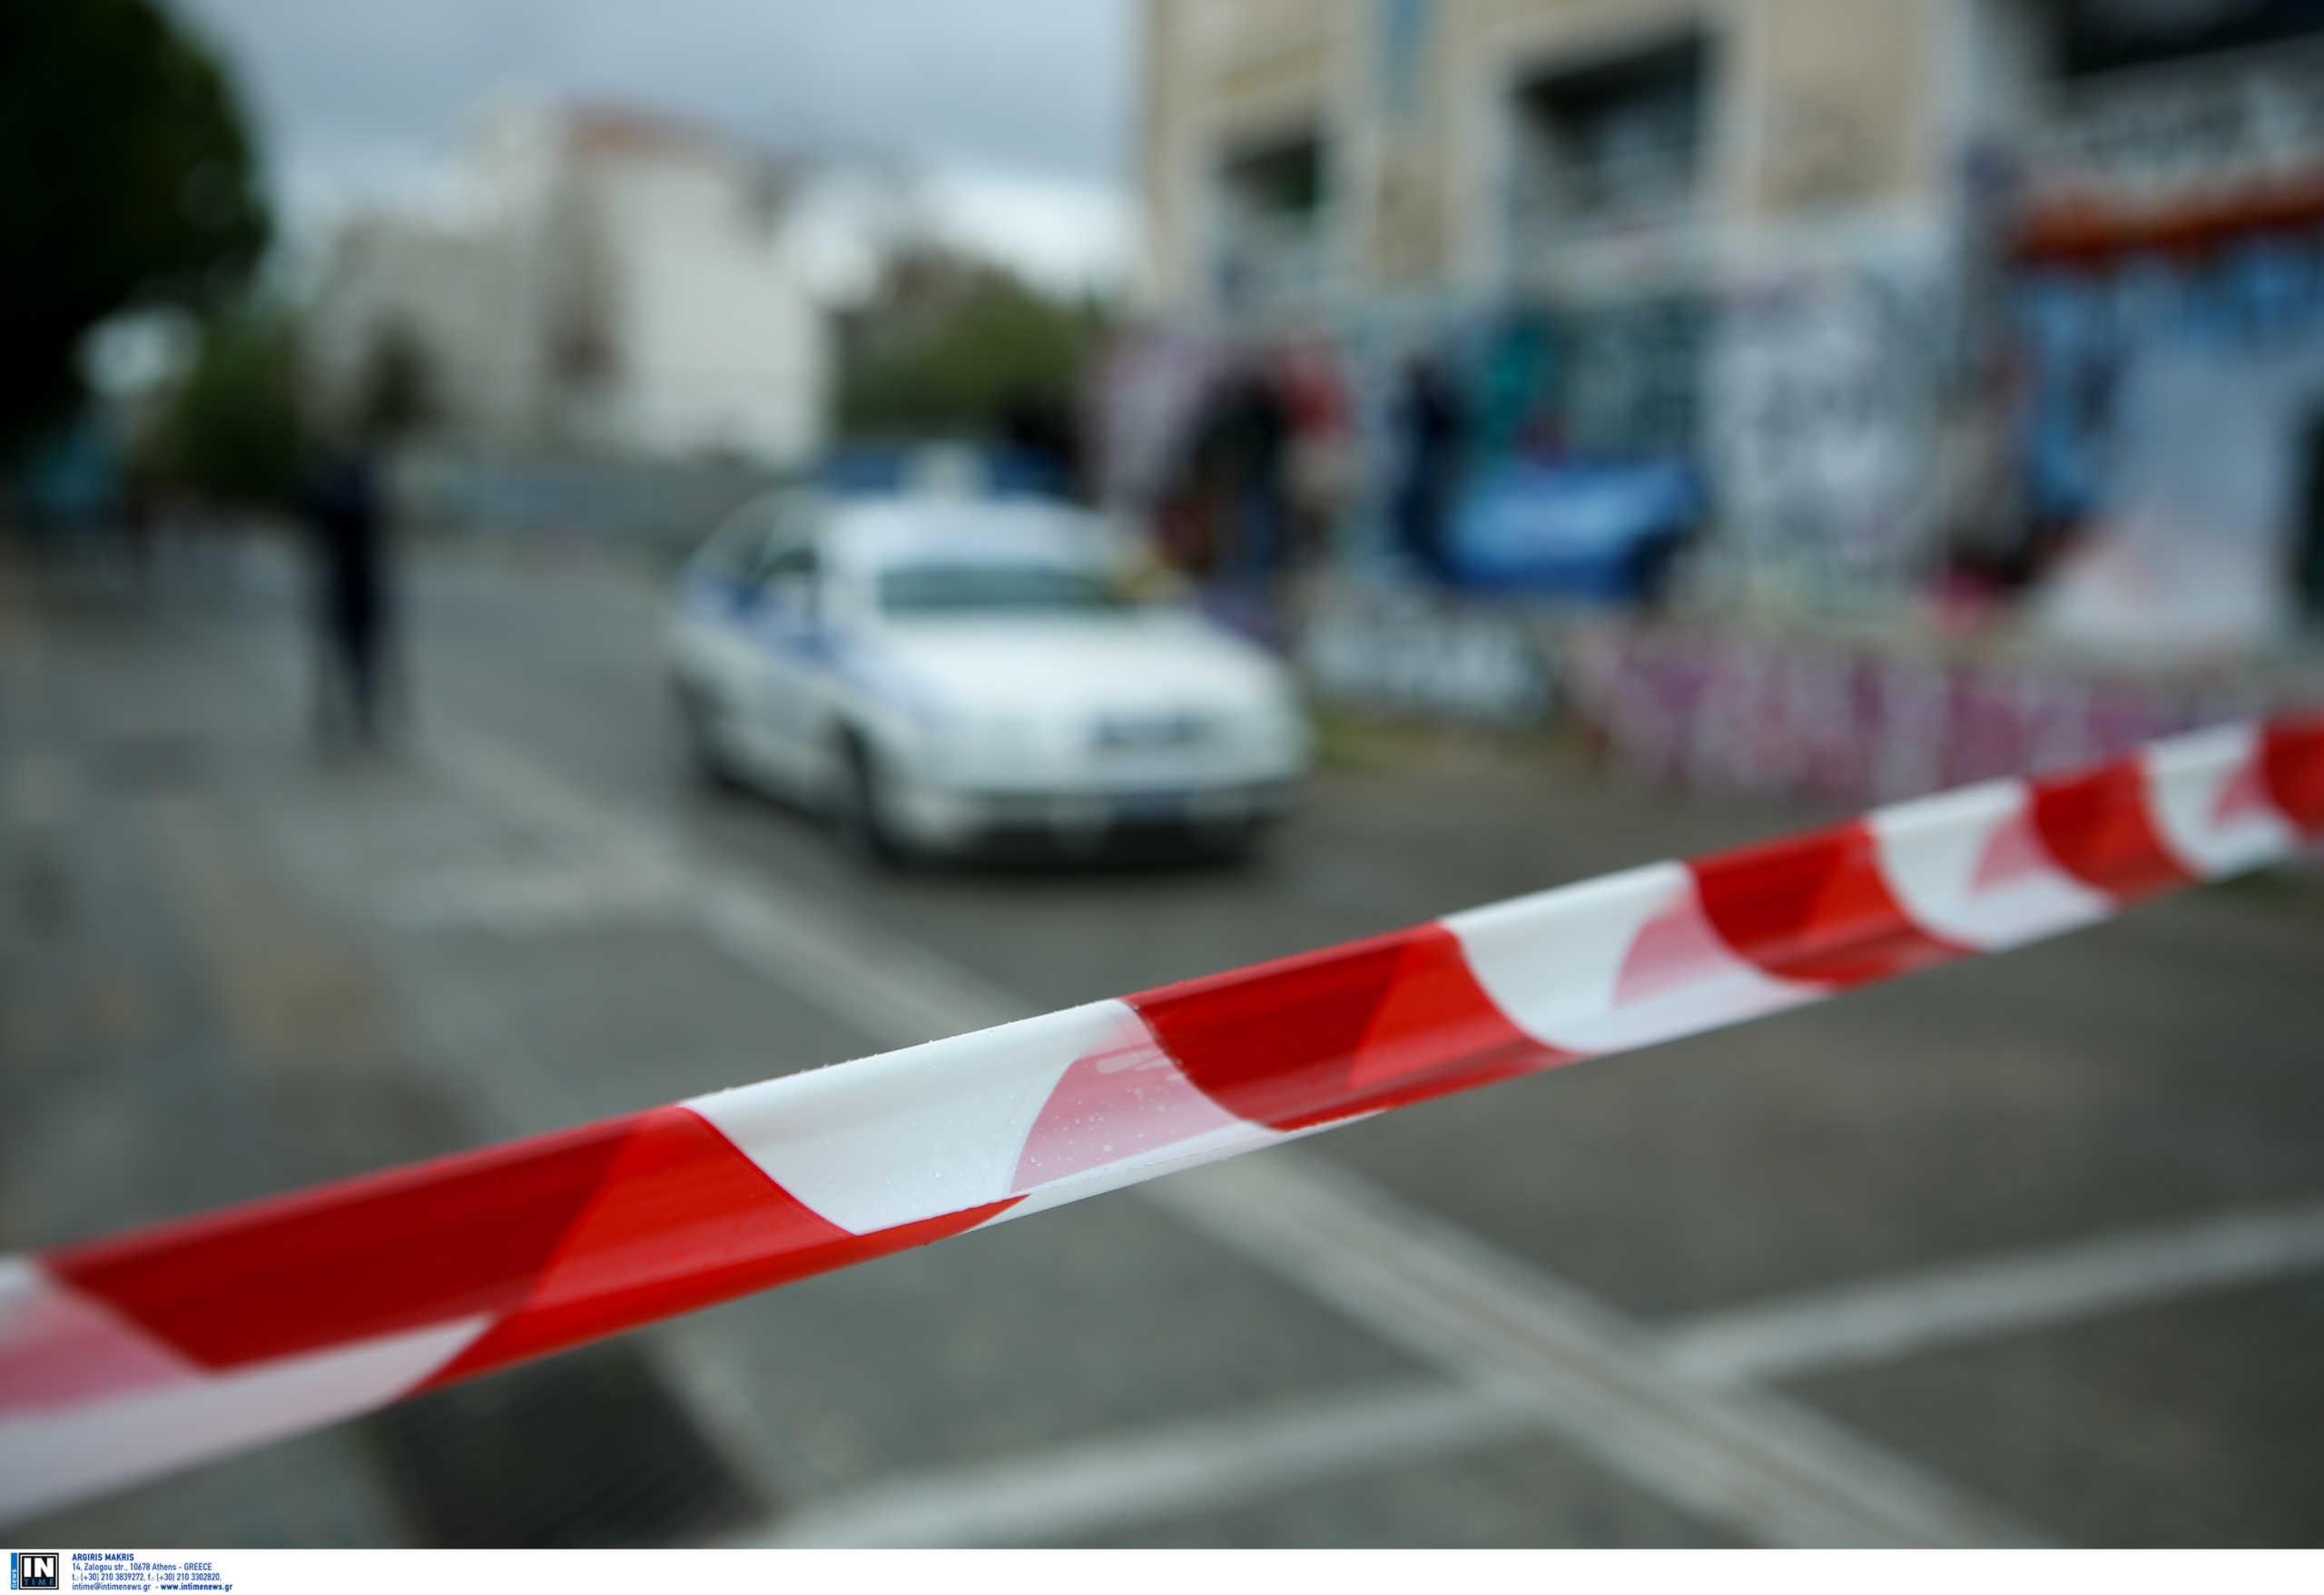 Λάρισα: Μαρτύριο για γυναίκα στα χέρια 8 ληστών! Την έβαλαν κάτω και ακολούθησαν στιγμές φρίκης (Φωτό)